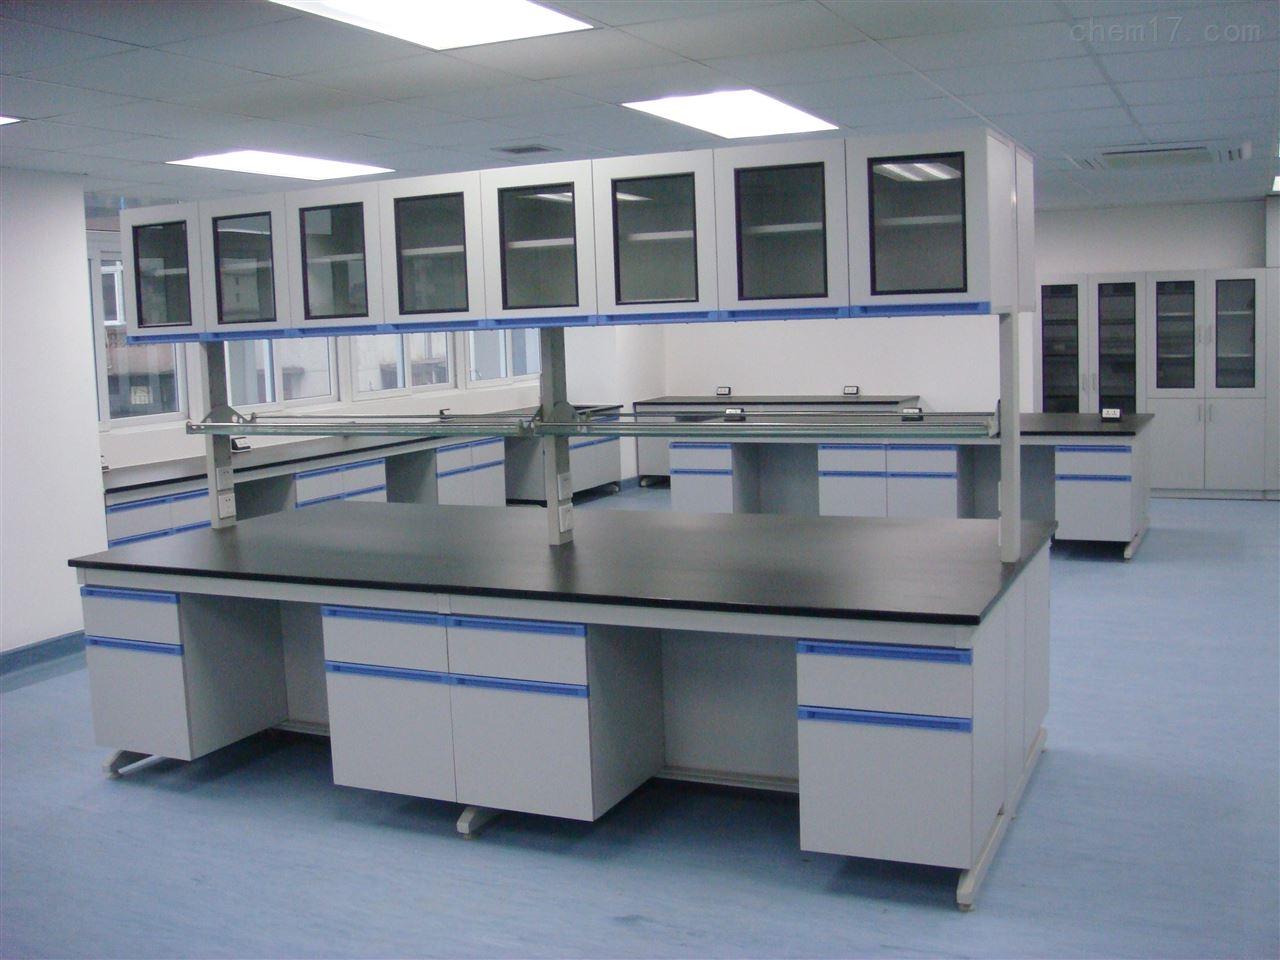 番禺理化实验室钢木实验台 生产加工厂家